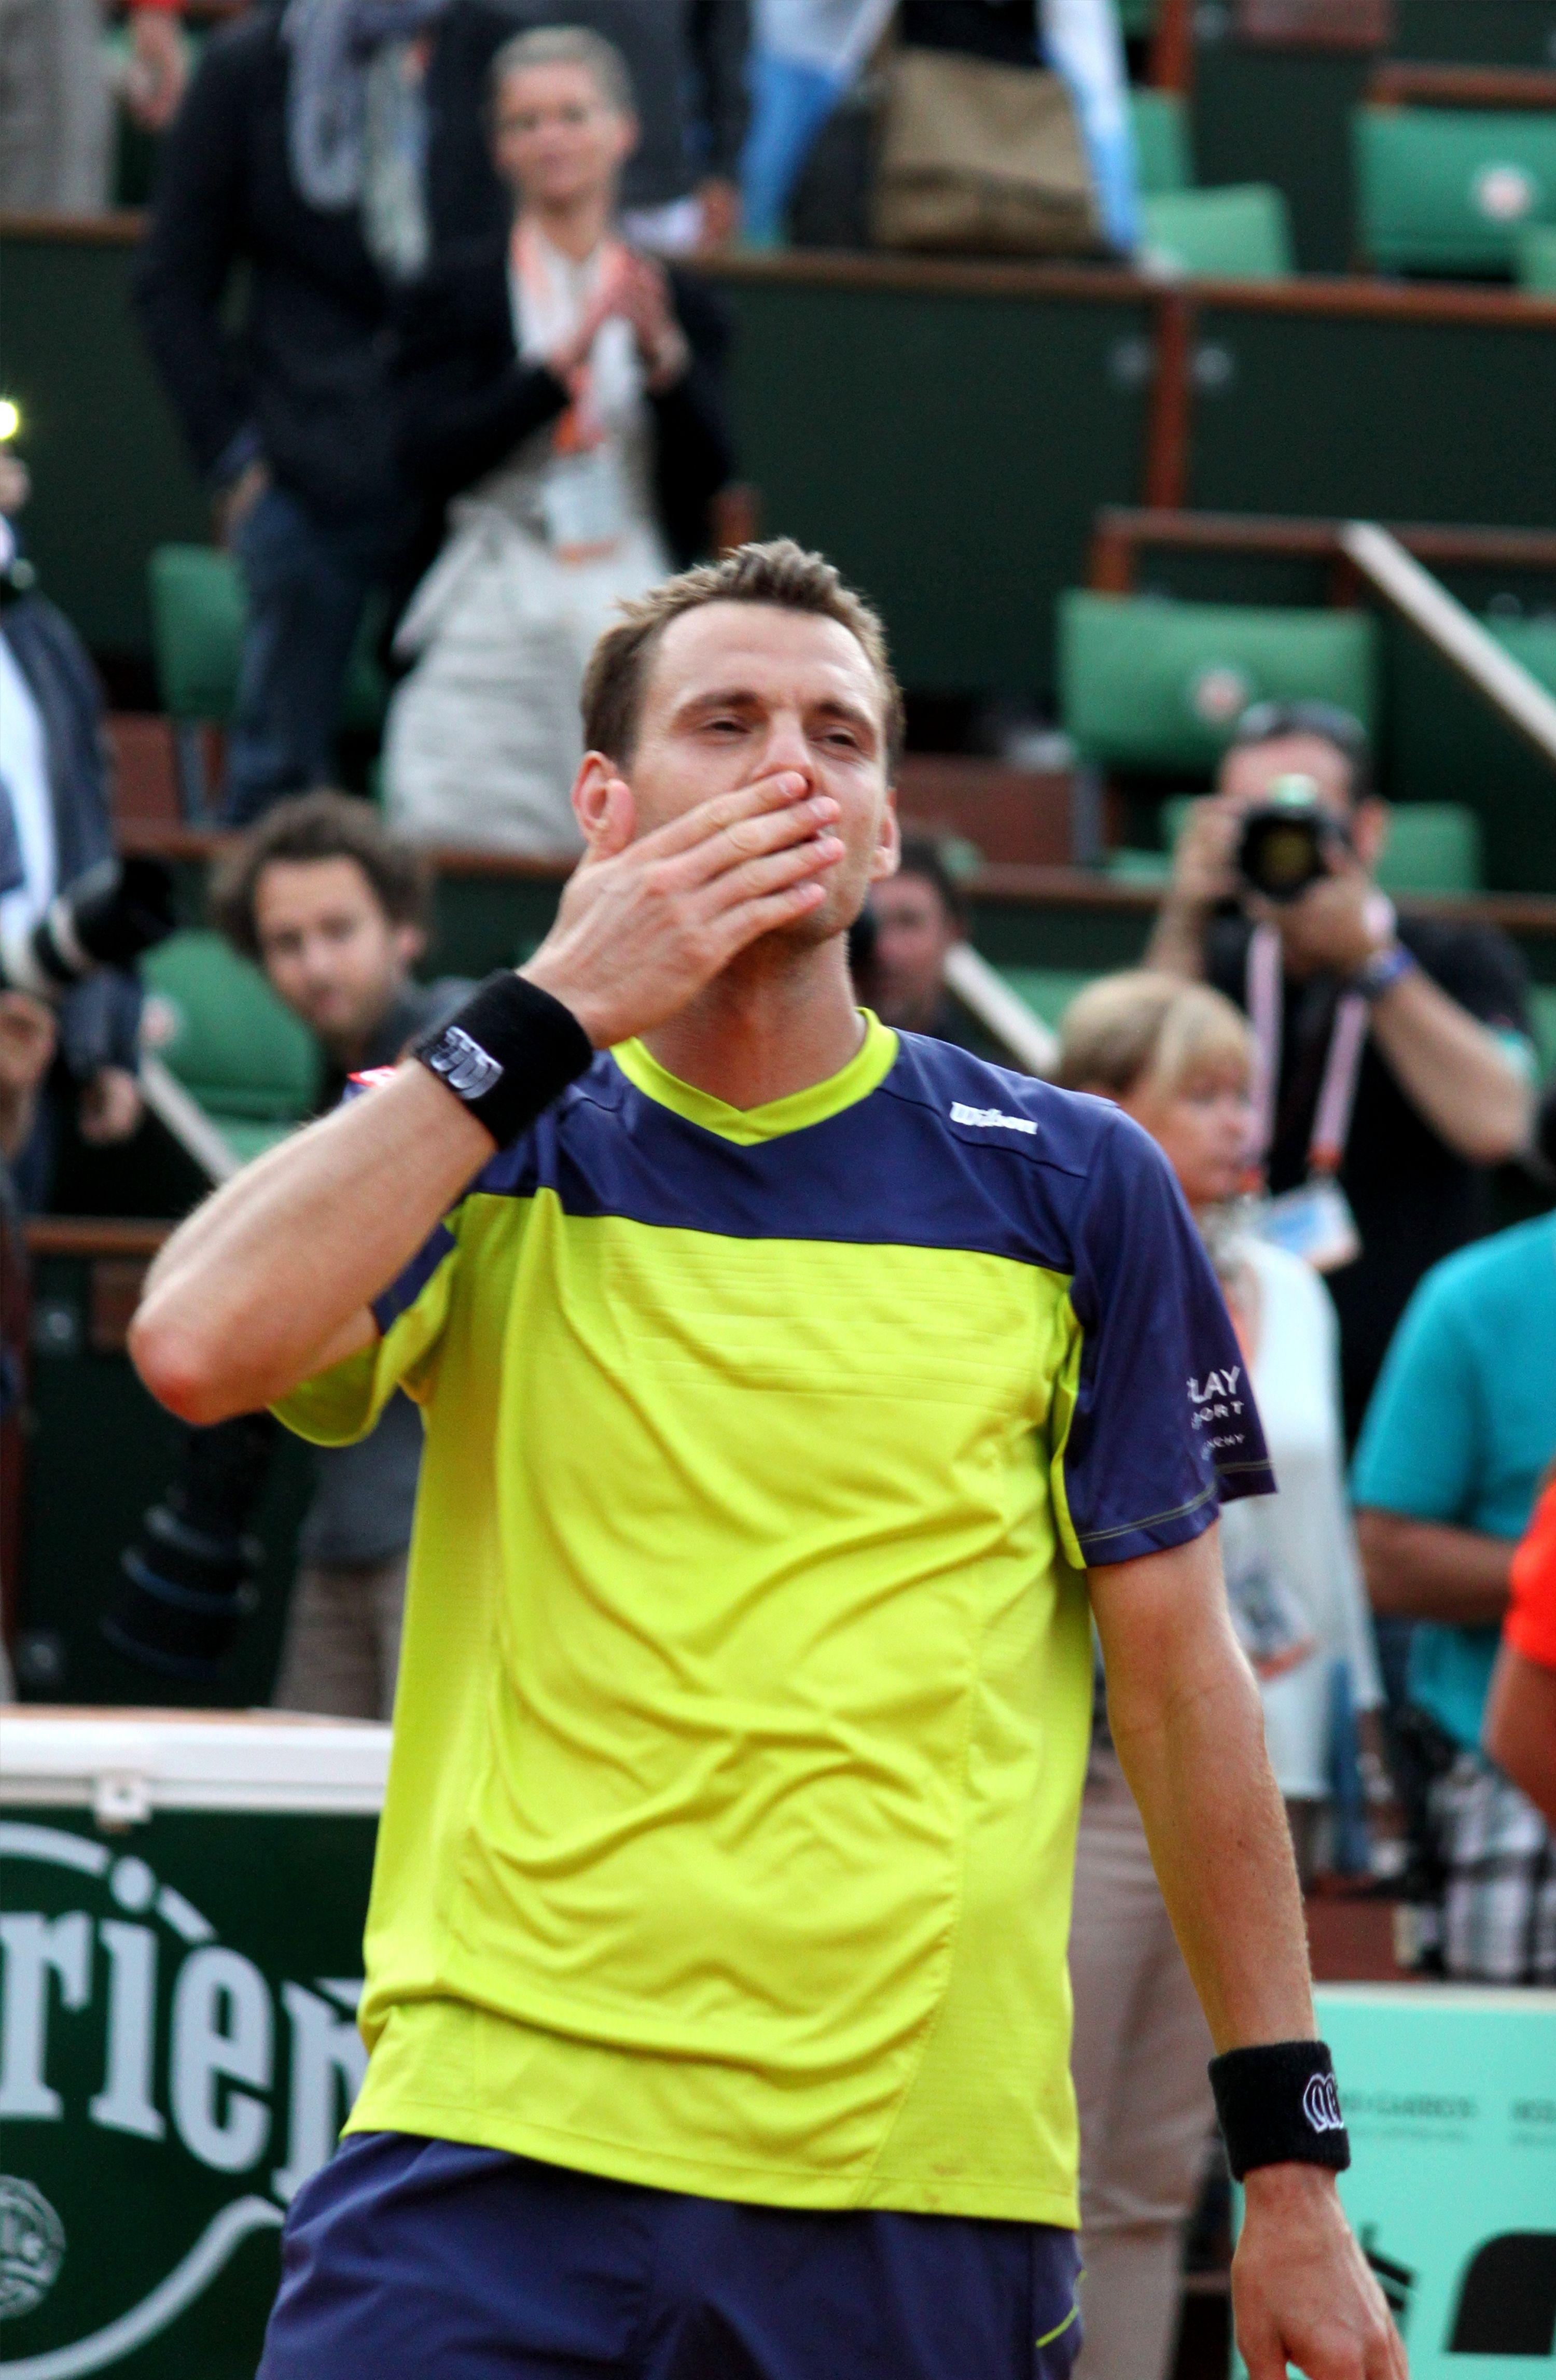 Superbe victoire de Mathieu sur Isner. Roland garros